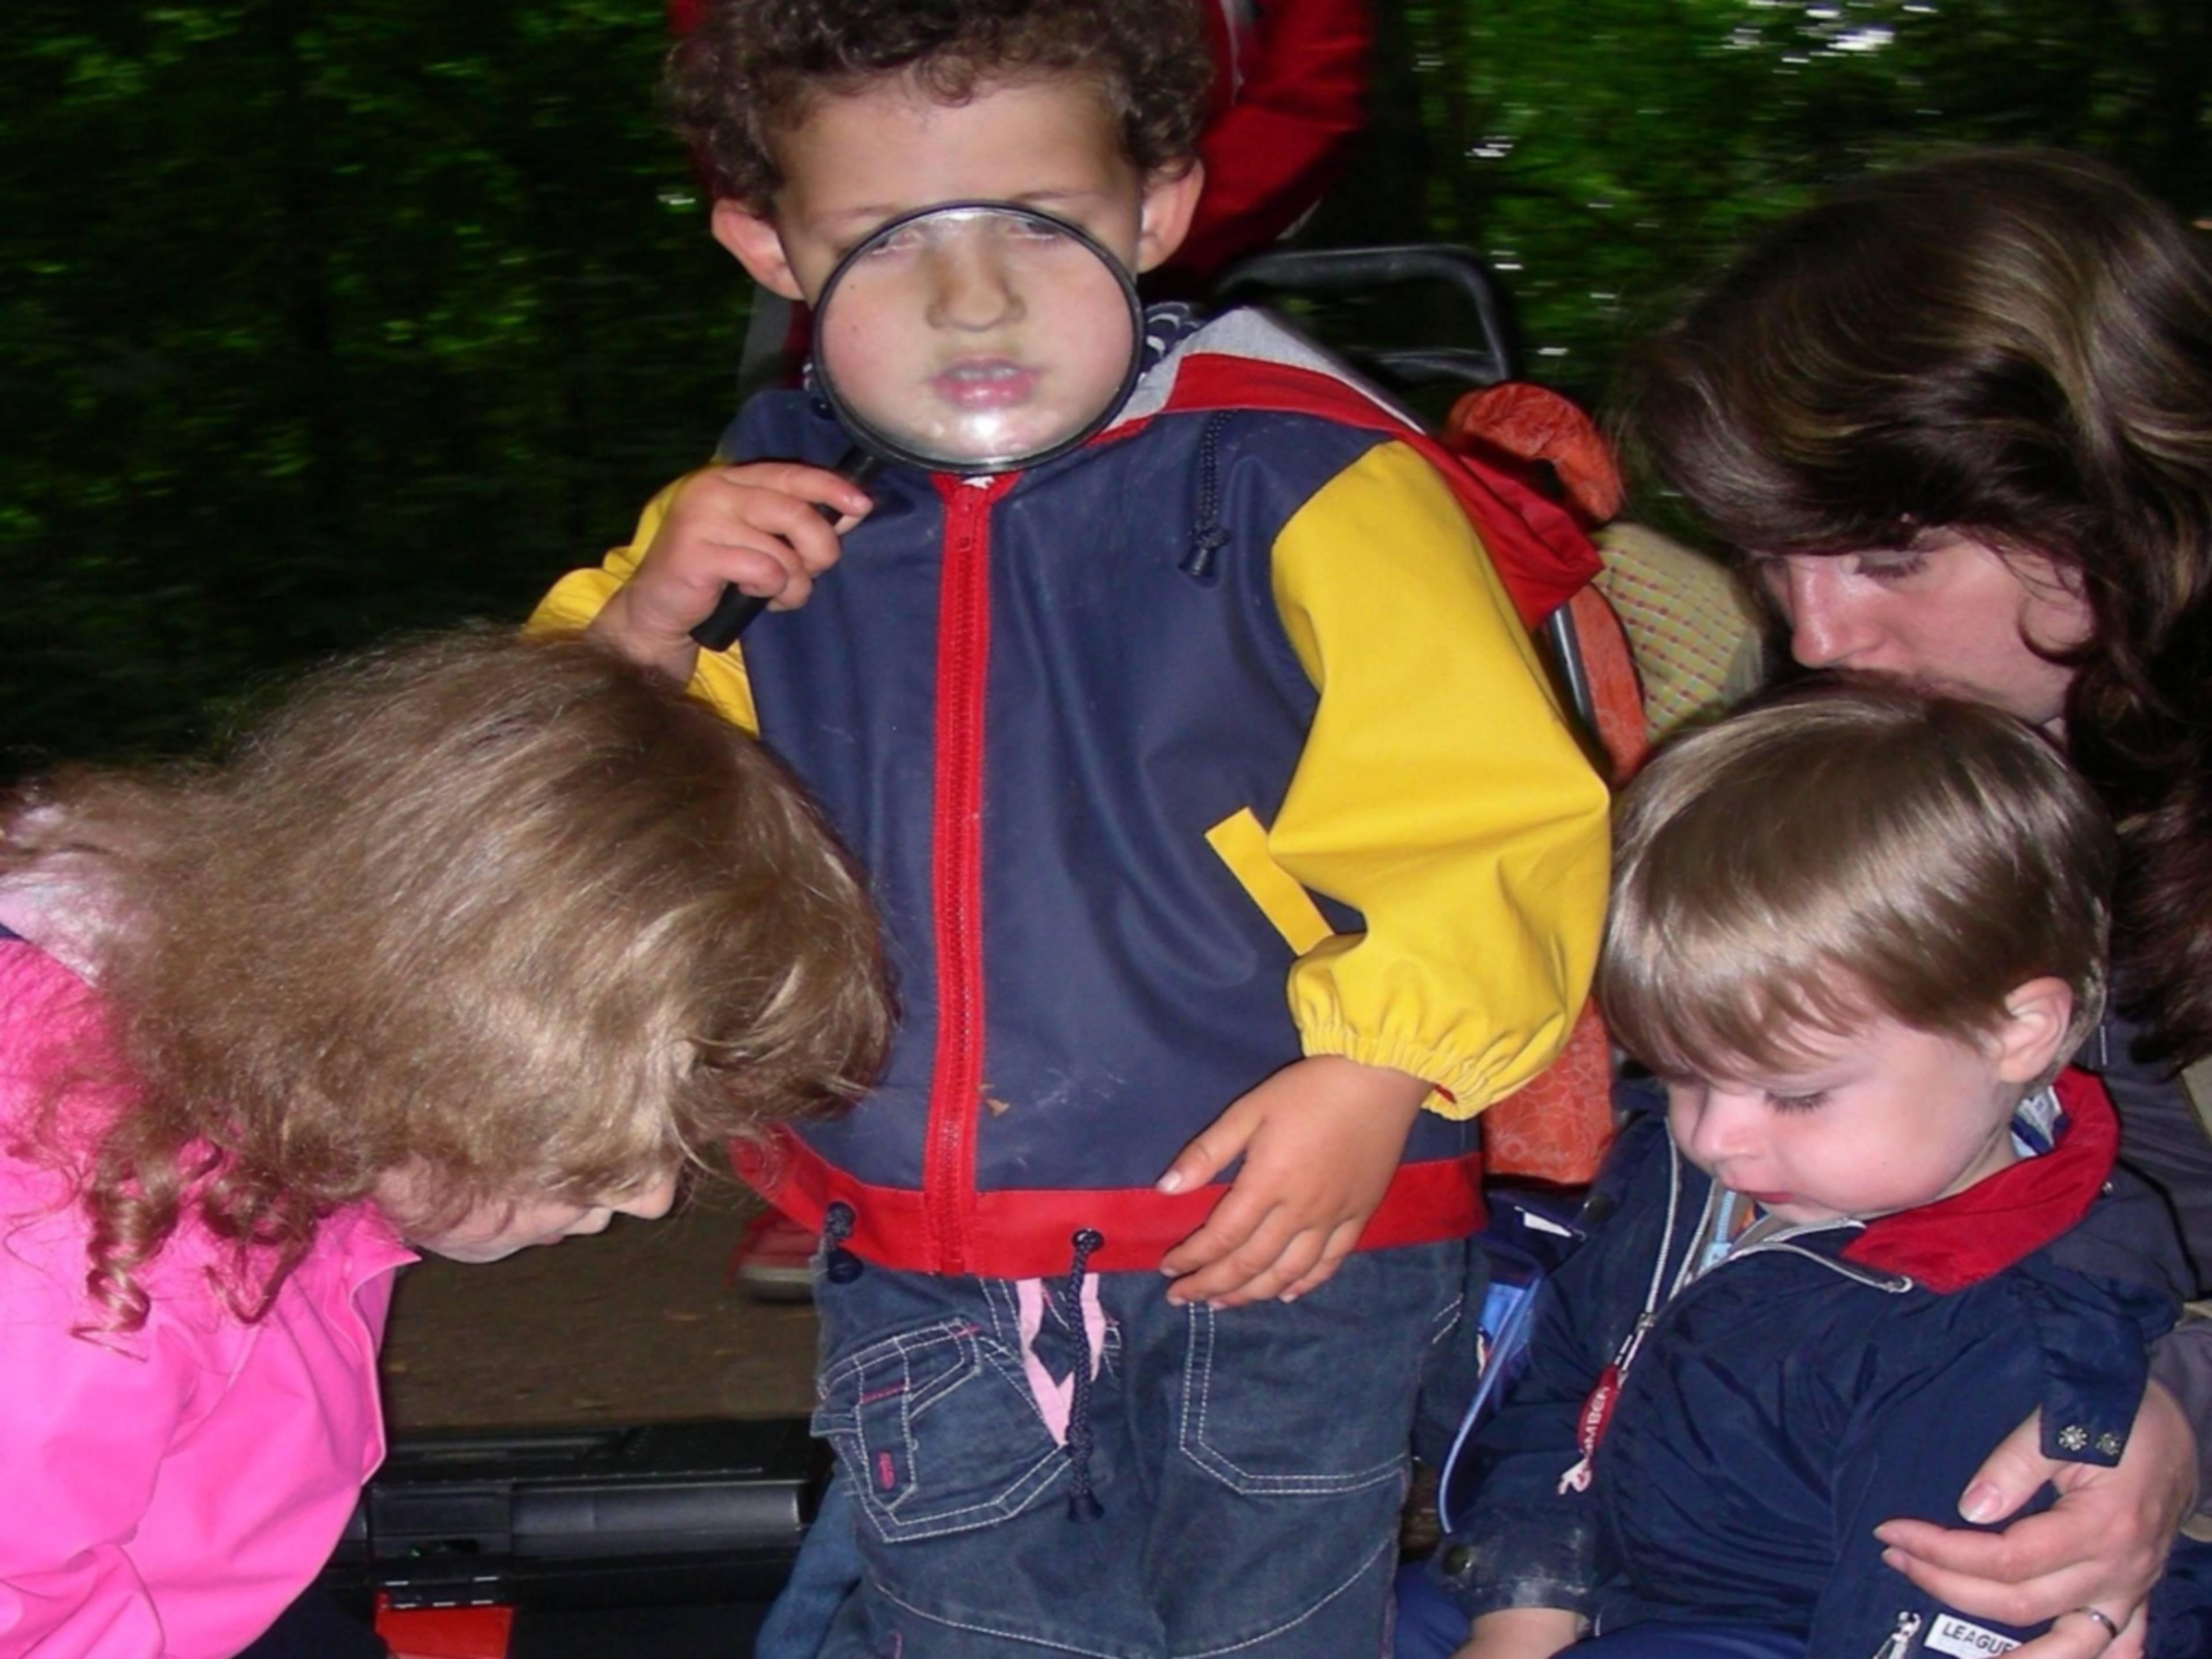 Mehrere kleine Kinder, die mit Lupen und anderen Hilfsmitteln den Waldboden erkunden